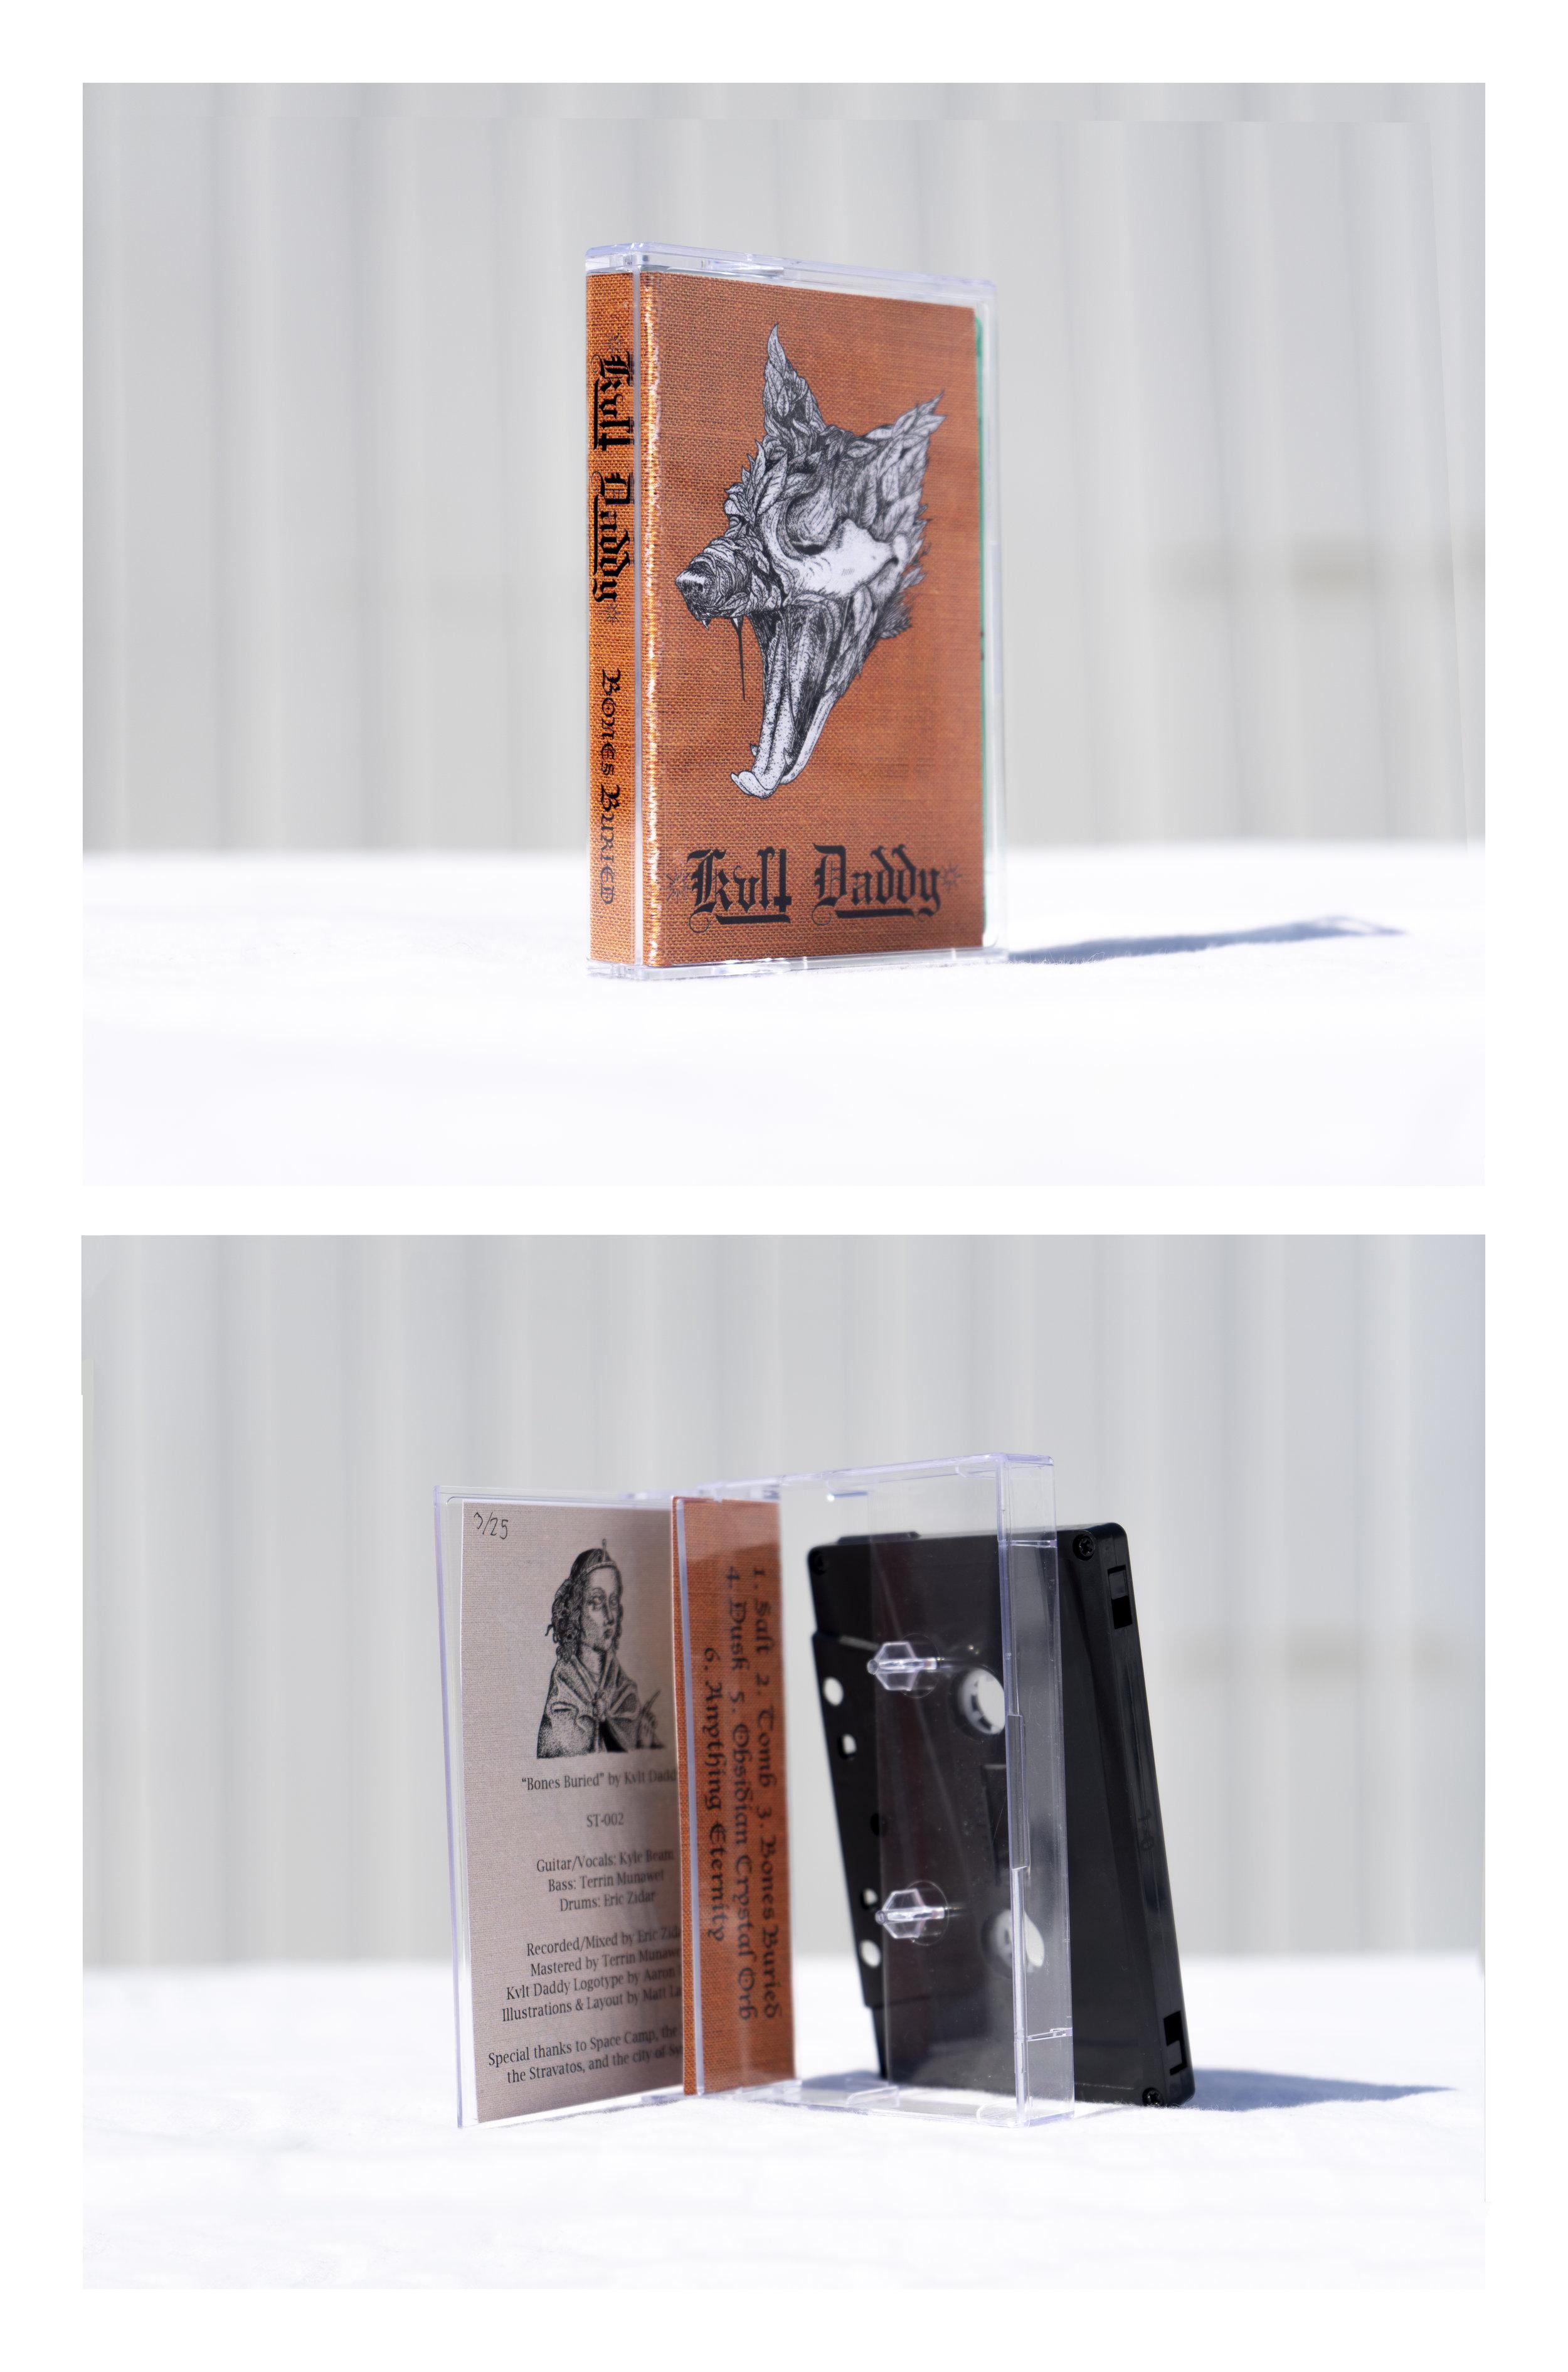 Kvlt Daddy - Bones Buried Cassette